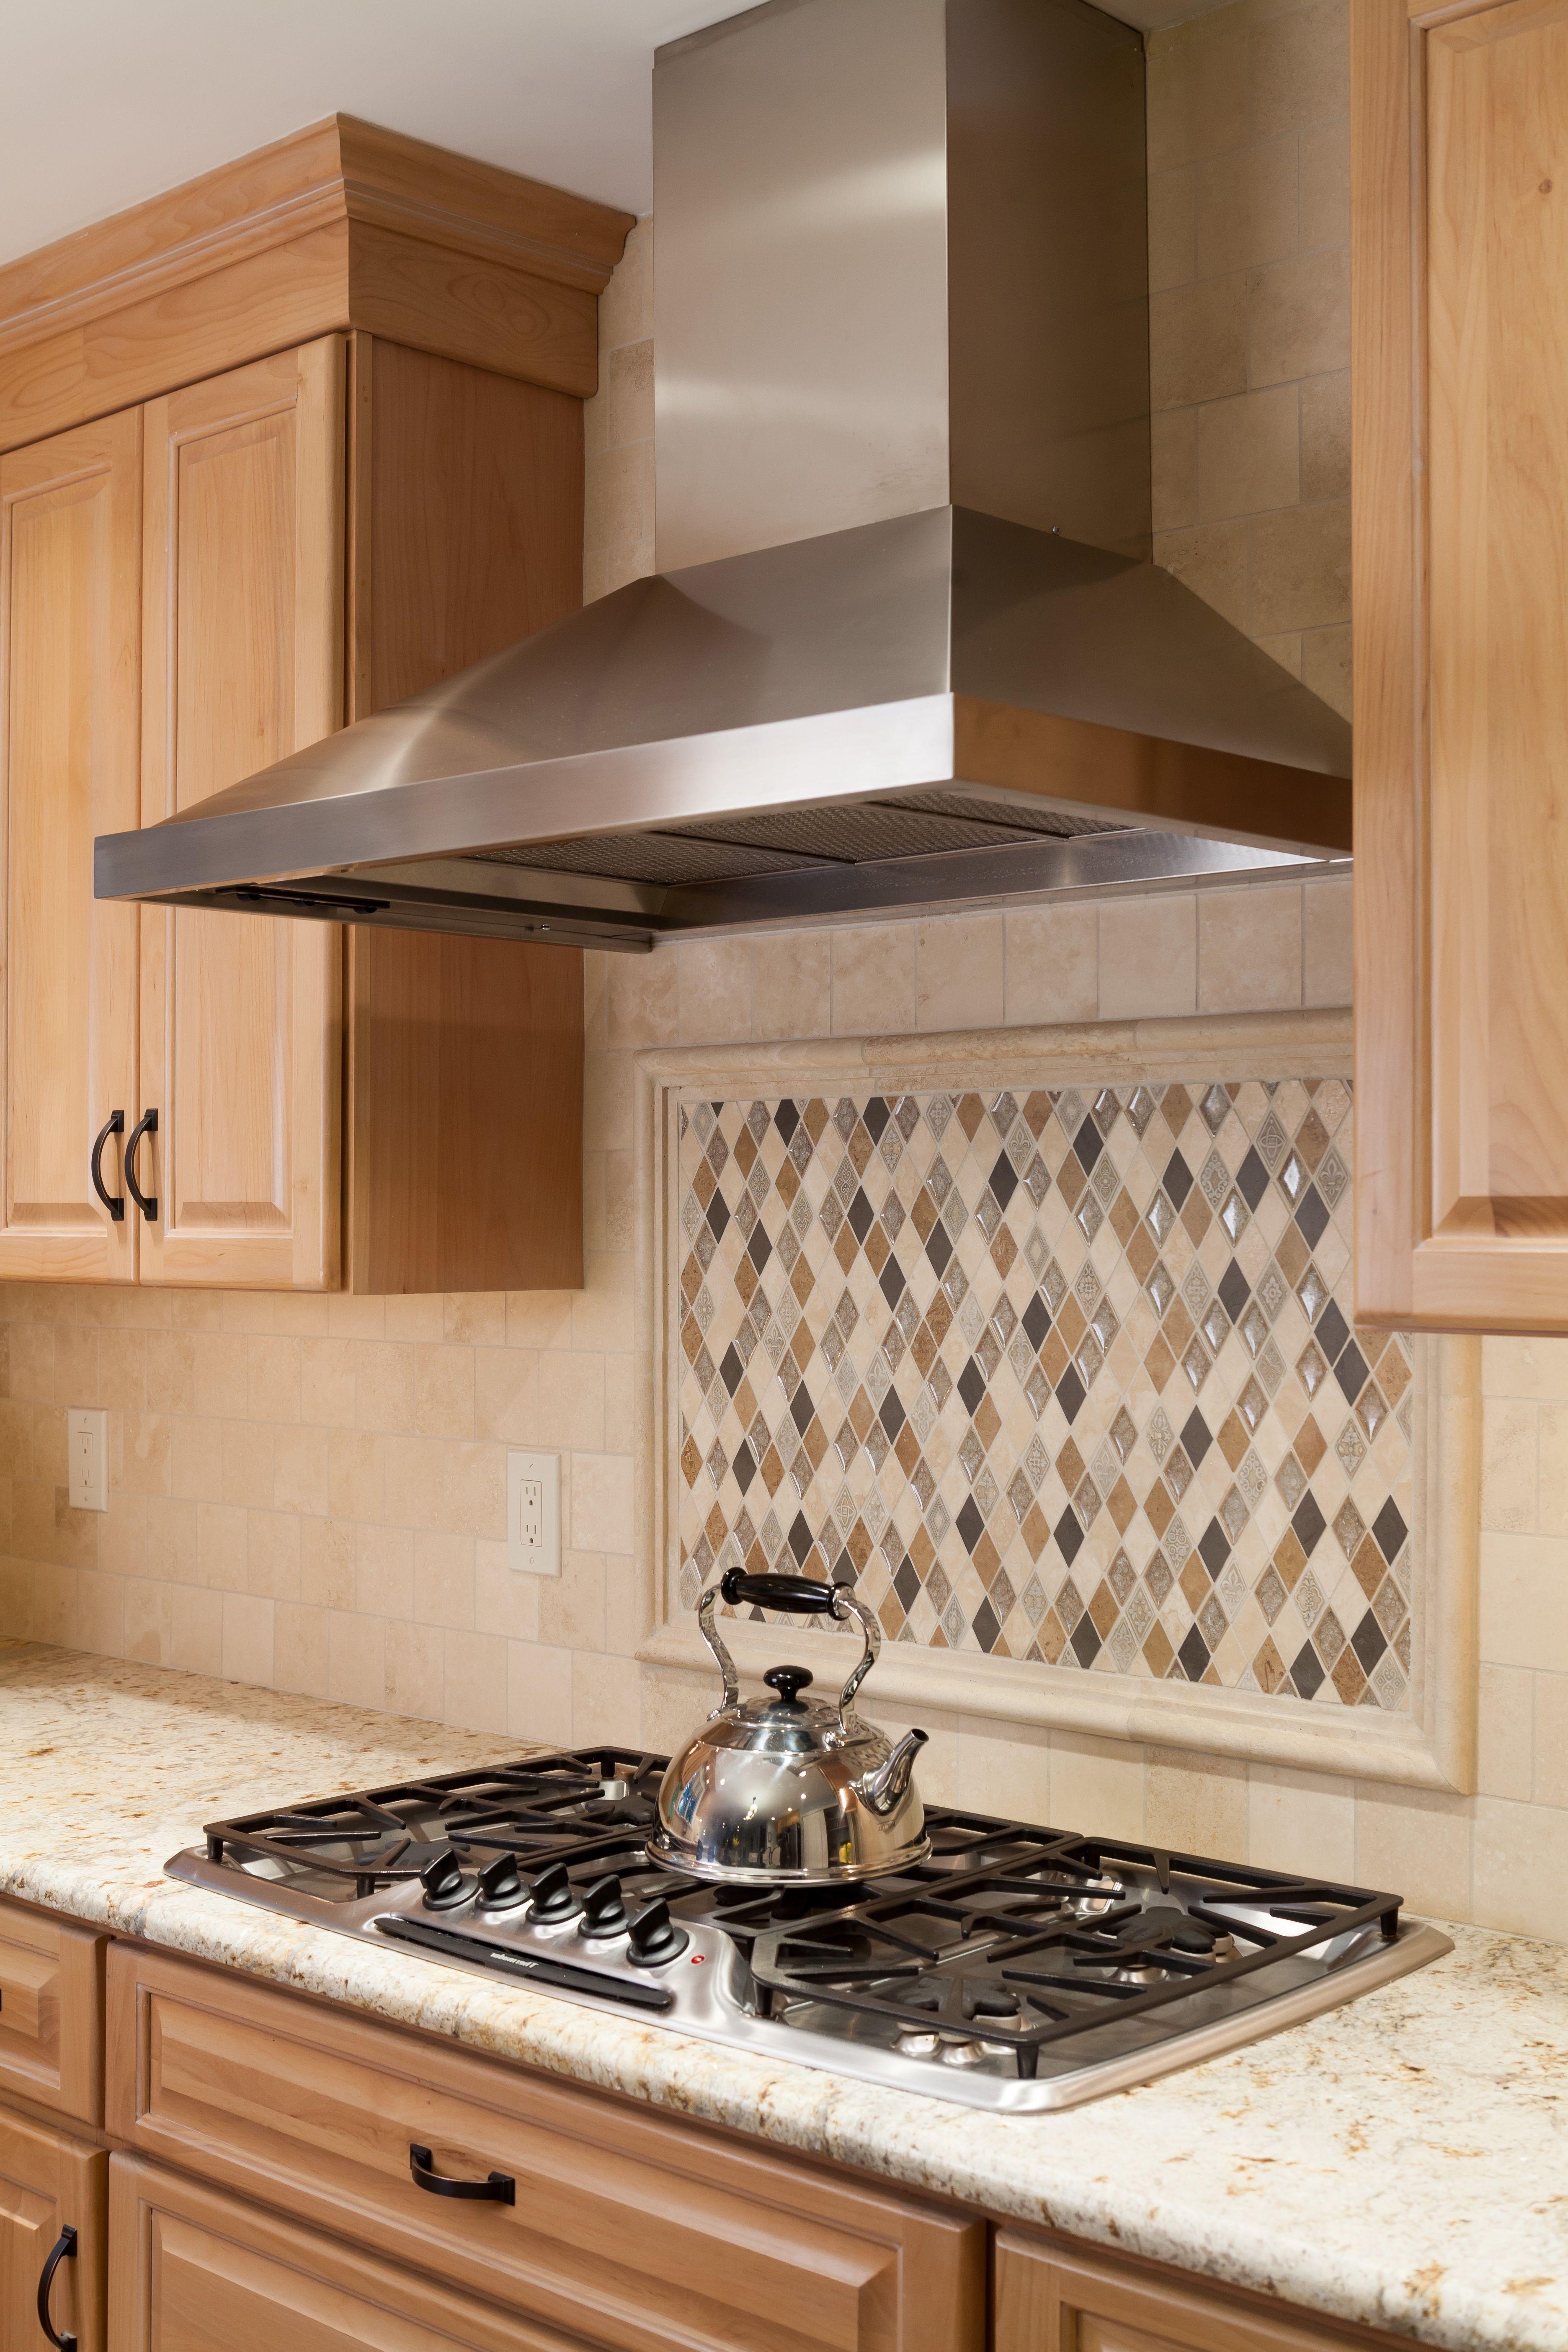 Kitchen with diamond shaped tile backsplash and stainless steel kitchen with diamond shaped tile backsplash and stainless steel range hood dailygadgetfo Choice Image